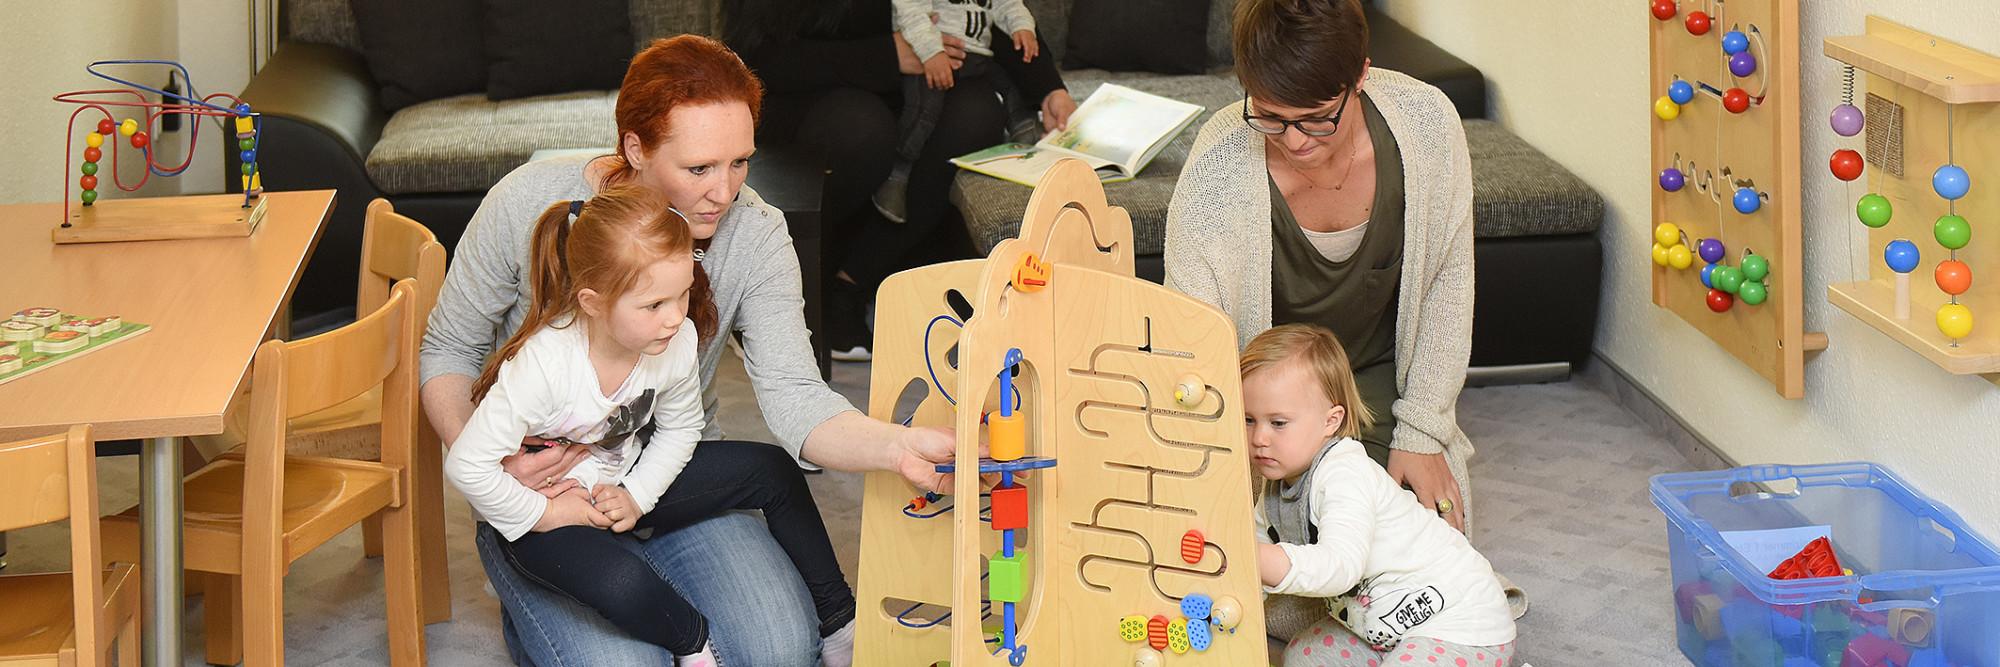 Drei Mütter und Ihre Kinder spielen gemeinsam in einem Aufenthaltsraum des Marianne van den Bosch Hauses.